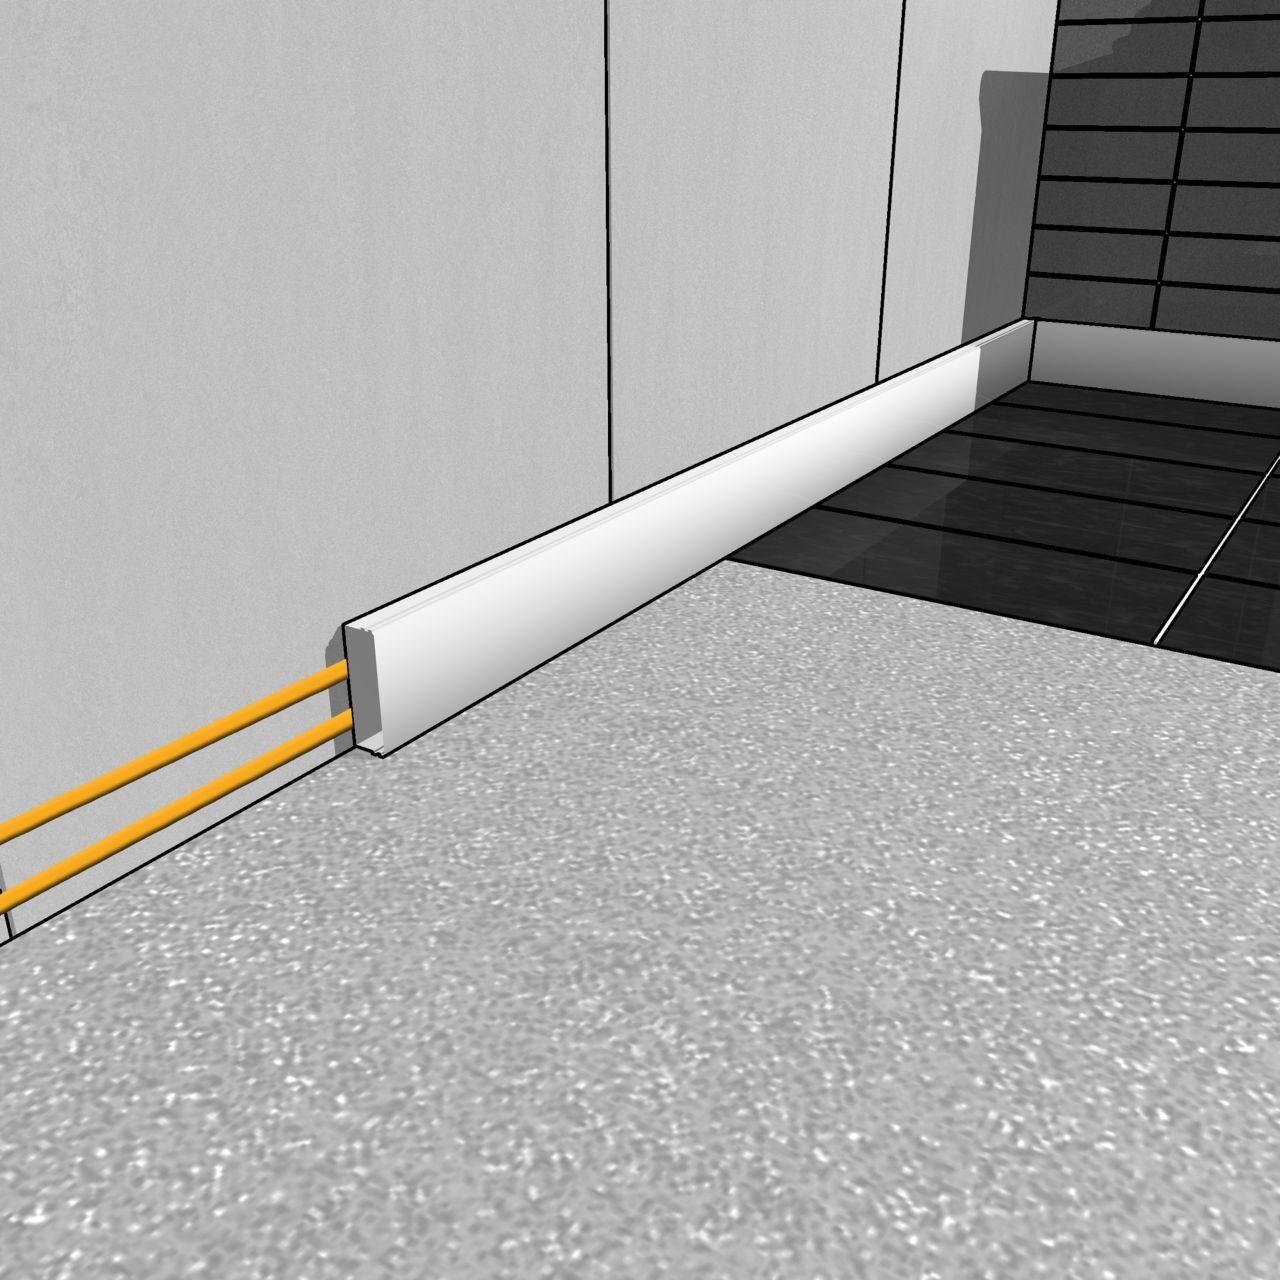 内部踢脚板胶粘剂在工地外施工的插图